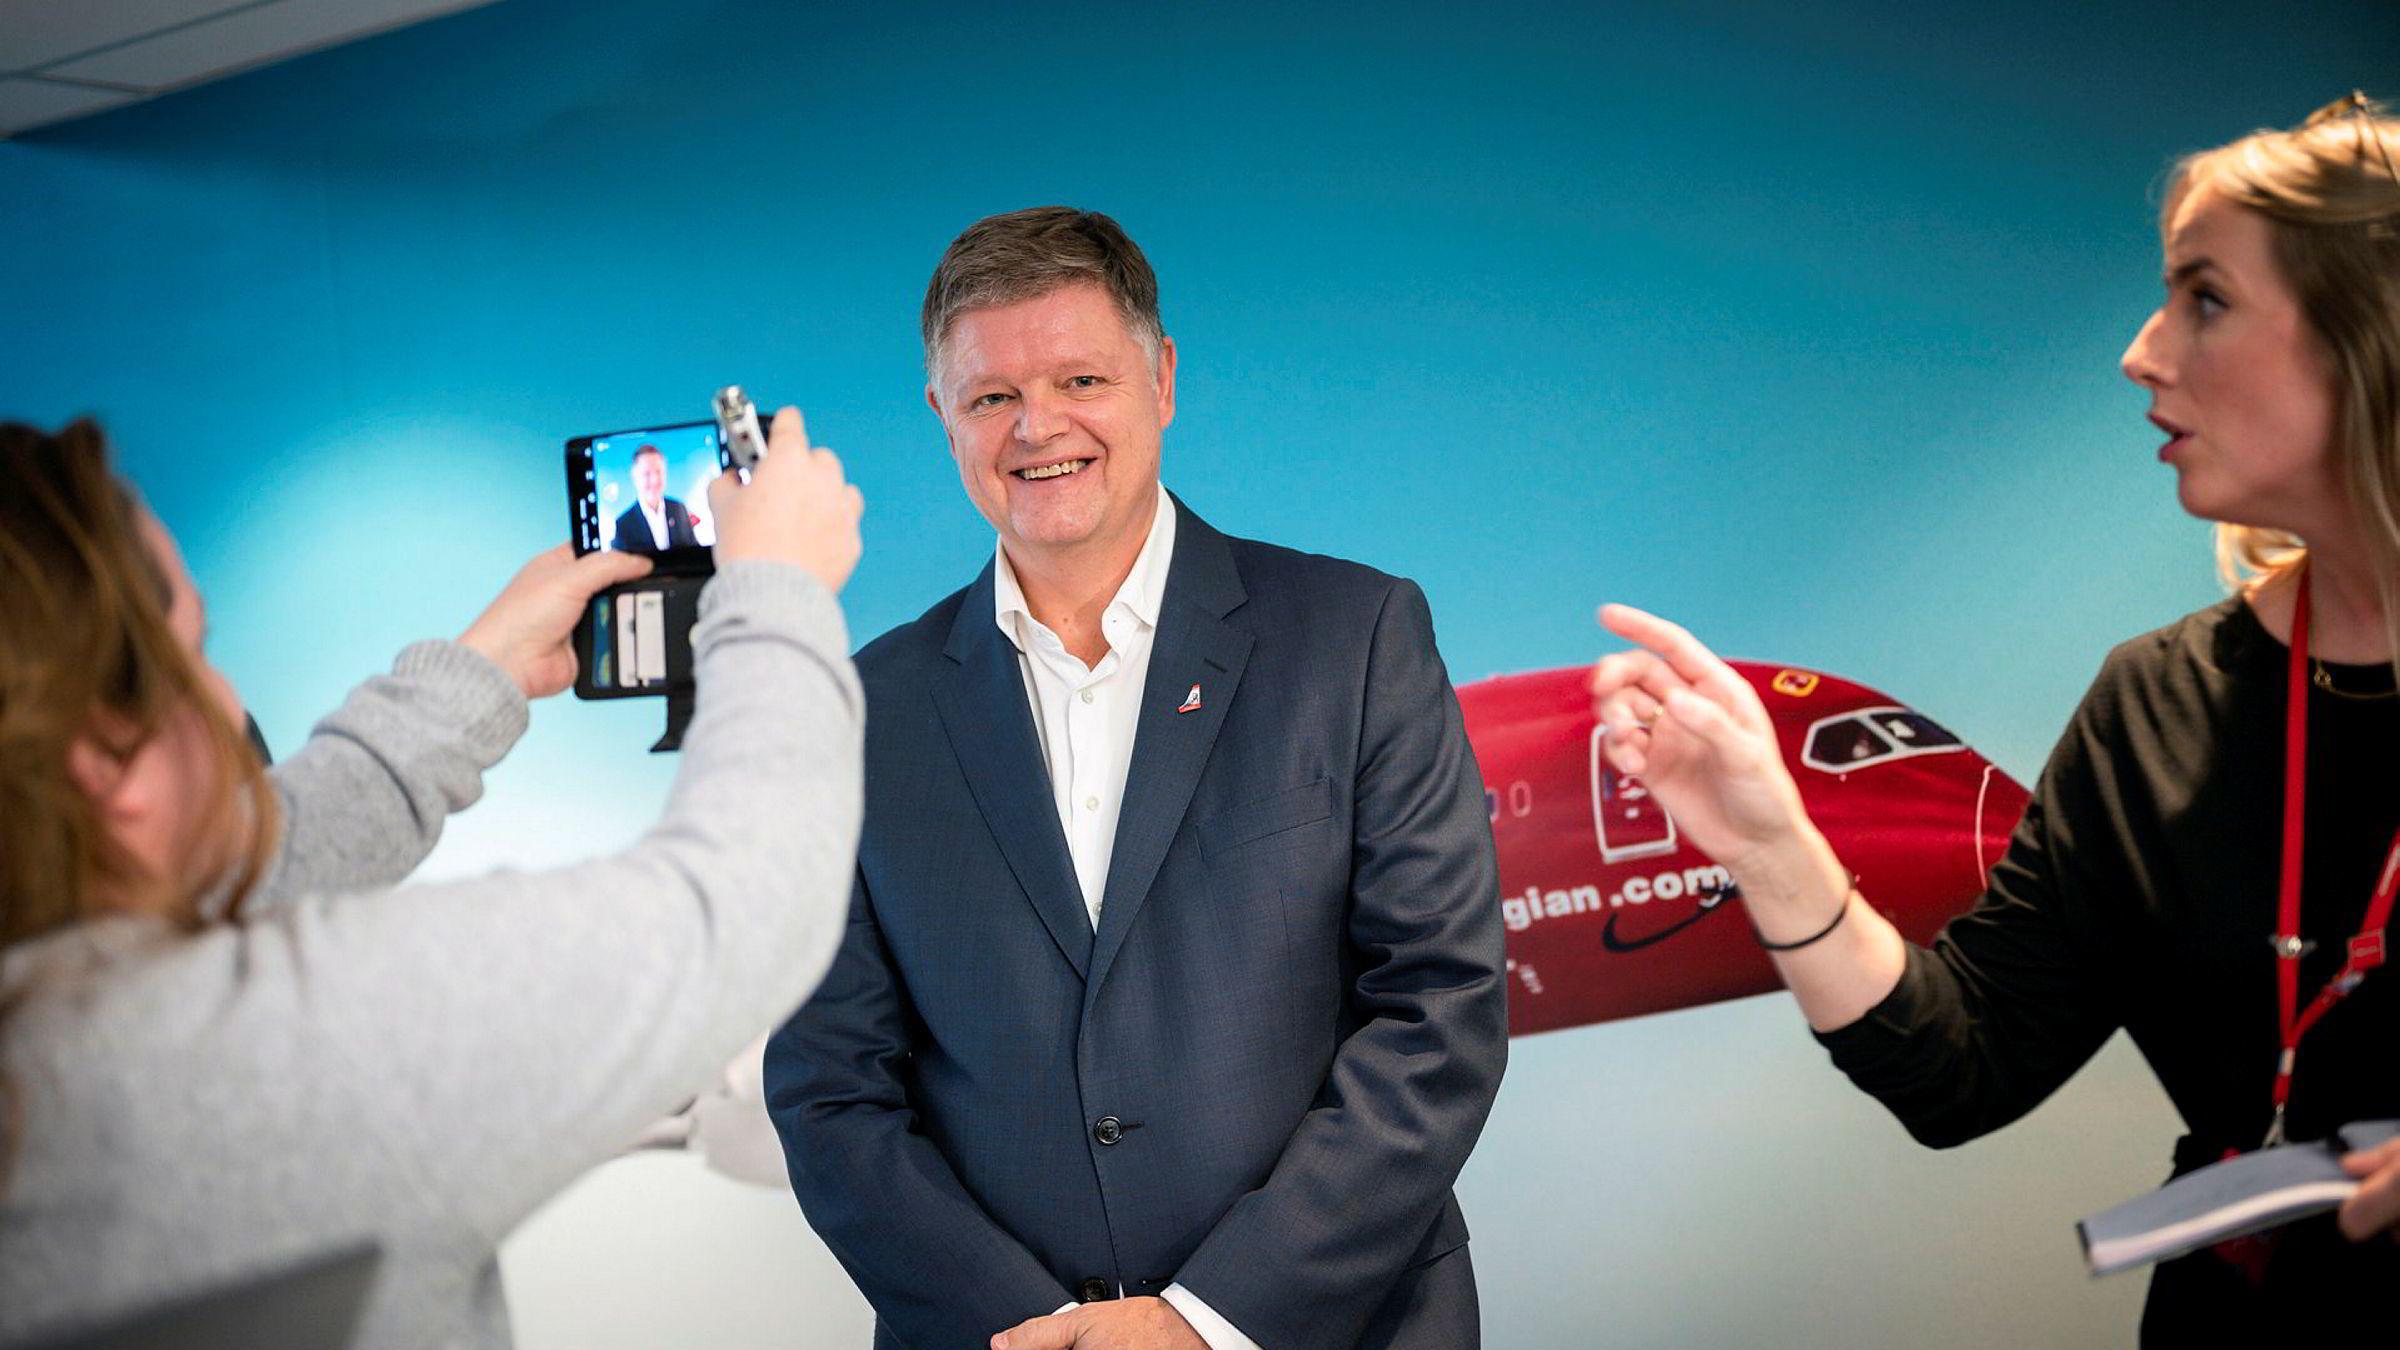 Norwegian-ansatte får nå en toppleder som finner mening i å si at essensen av business er som en fersken. Jacob Schram er ny Norwegian-sjef.